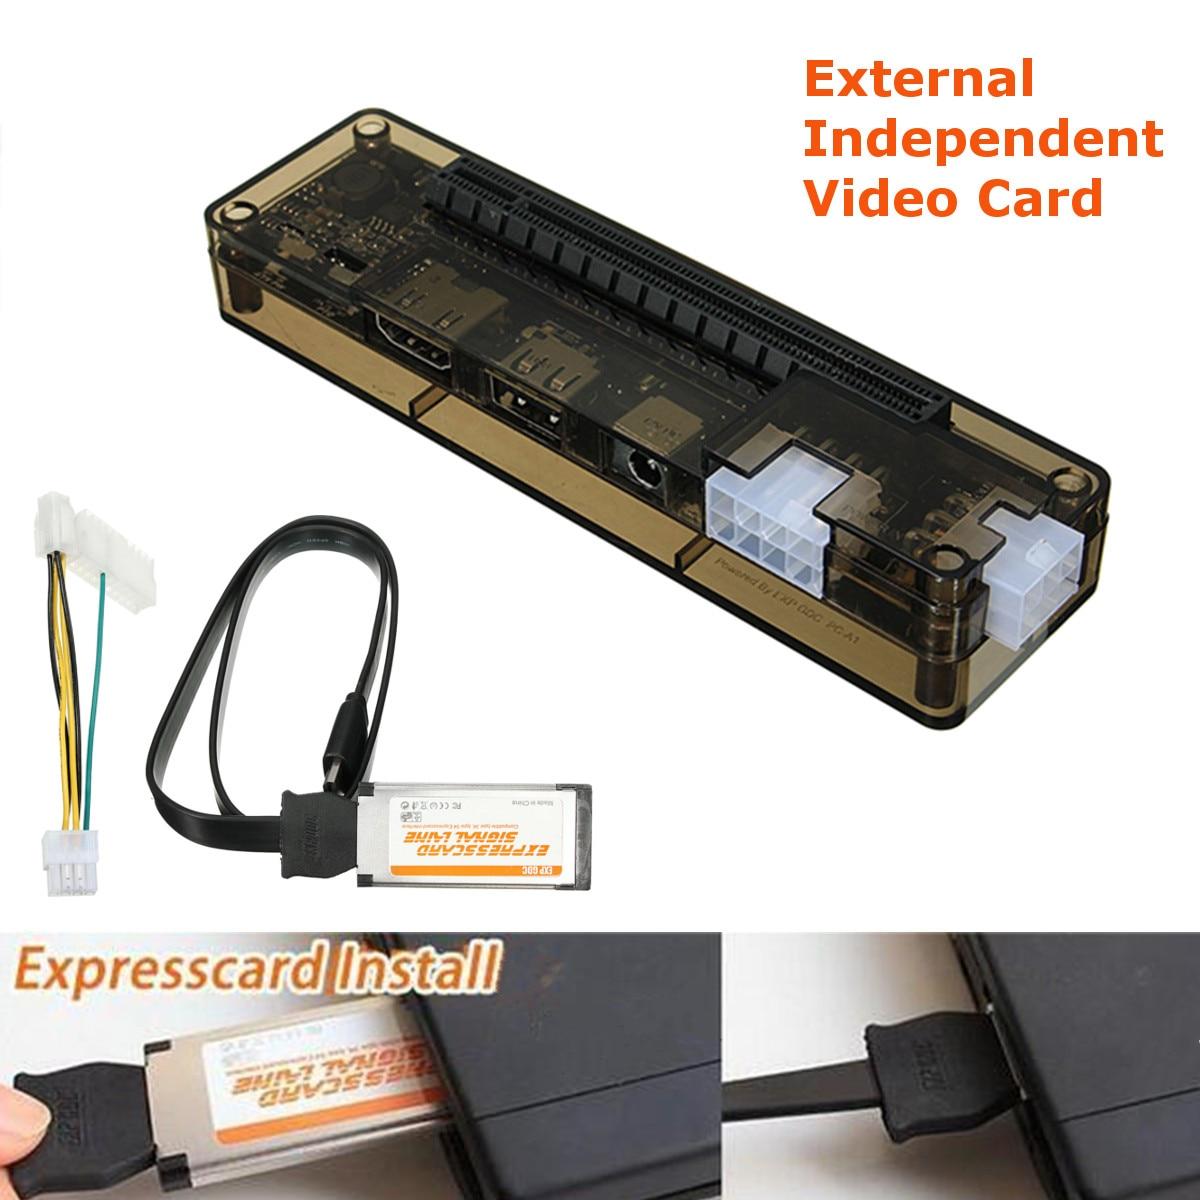 Mini carte vidéo indépendante PCI-E Dock EXP GDC Fit bête ordinateur portable externe carte vidéo indépendante Dock carte Express